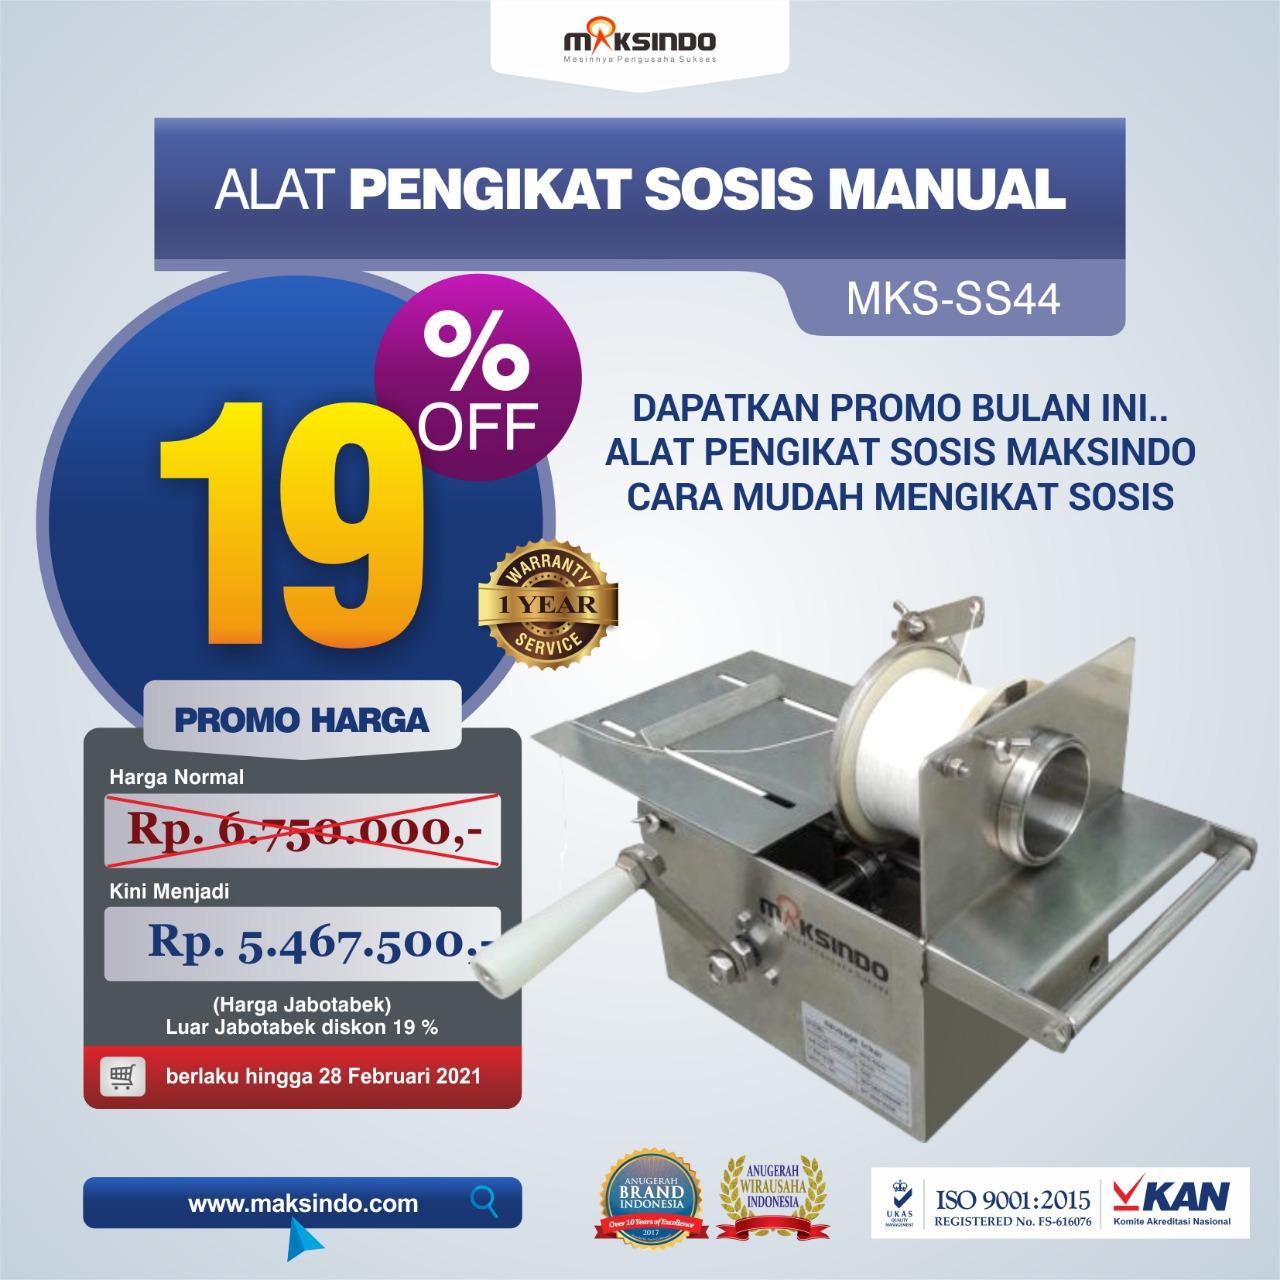 Jual Alat Pengikat Sosis Manual (MKS-SS44) di Tangerang